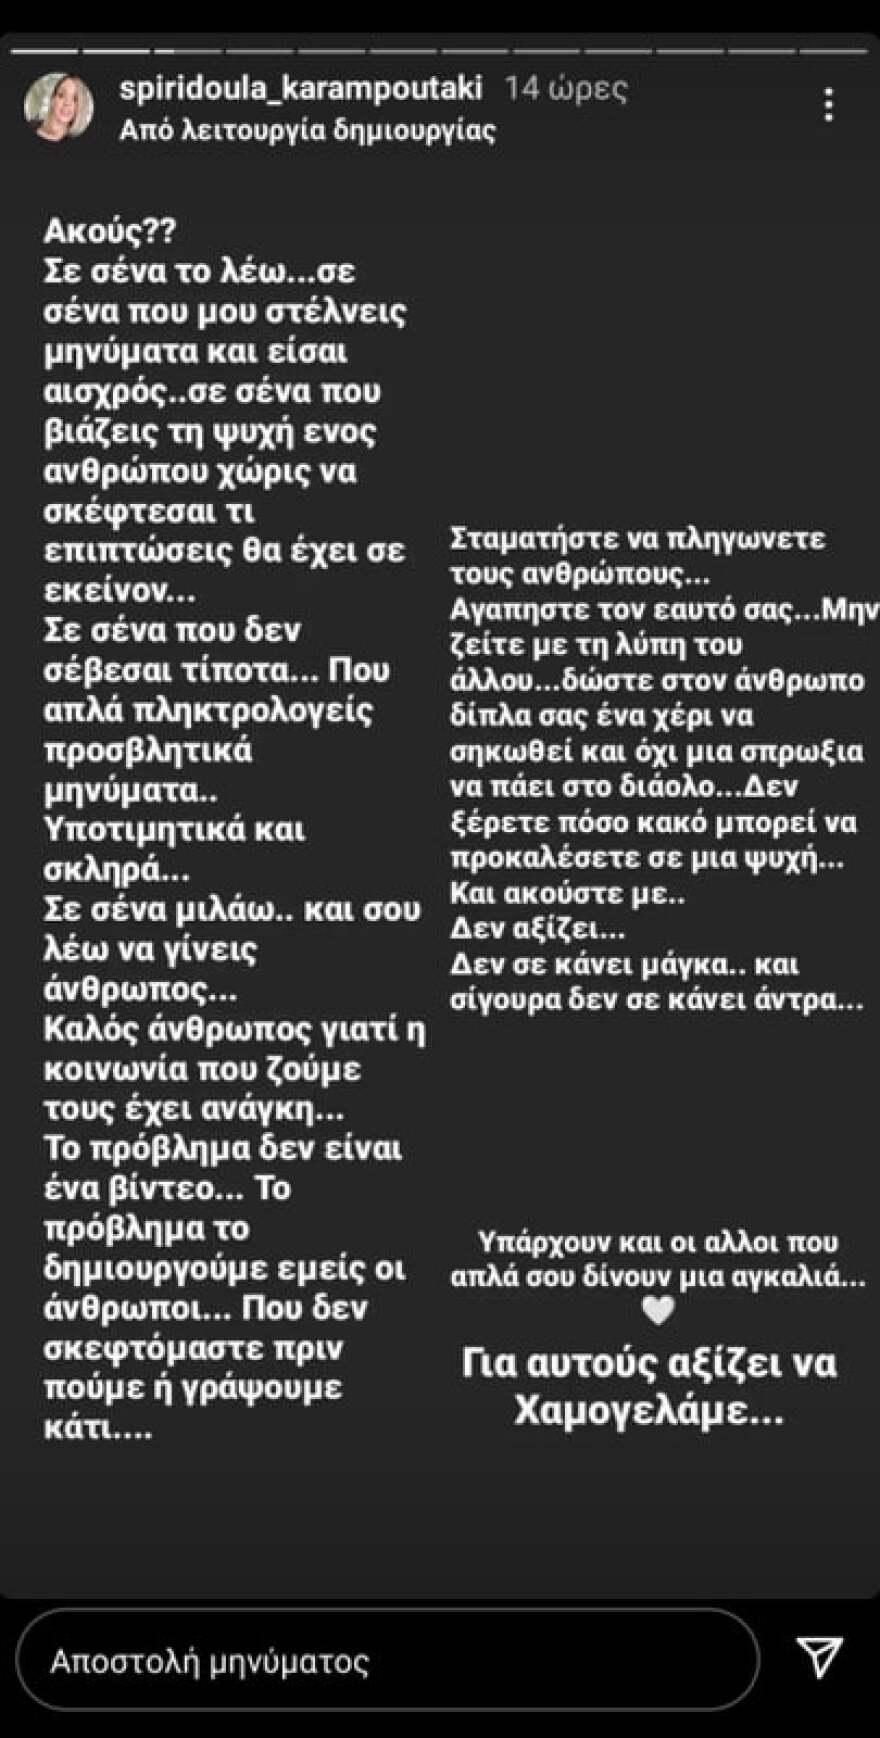 σπυριδουλακαραμπουτακη_2